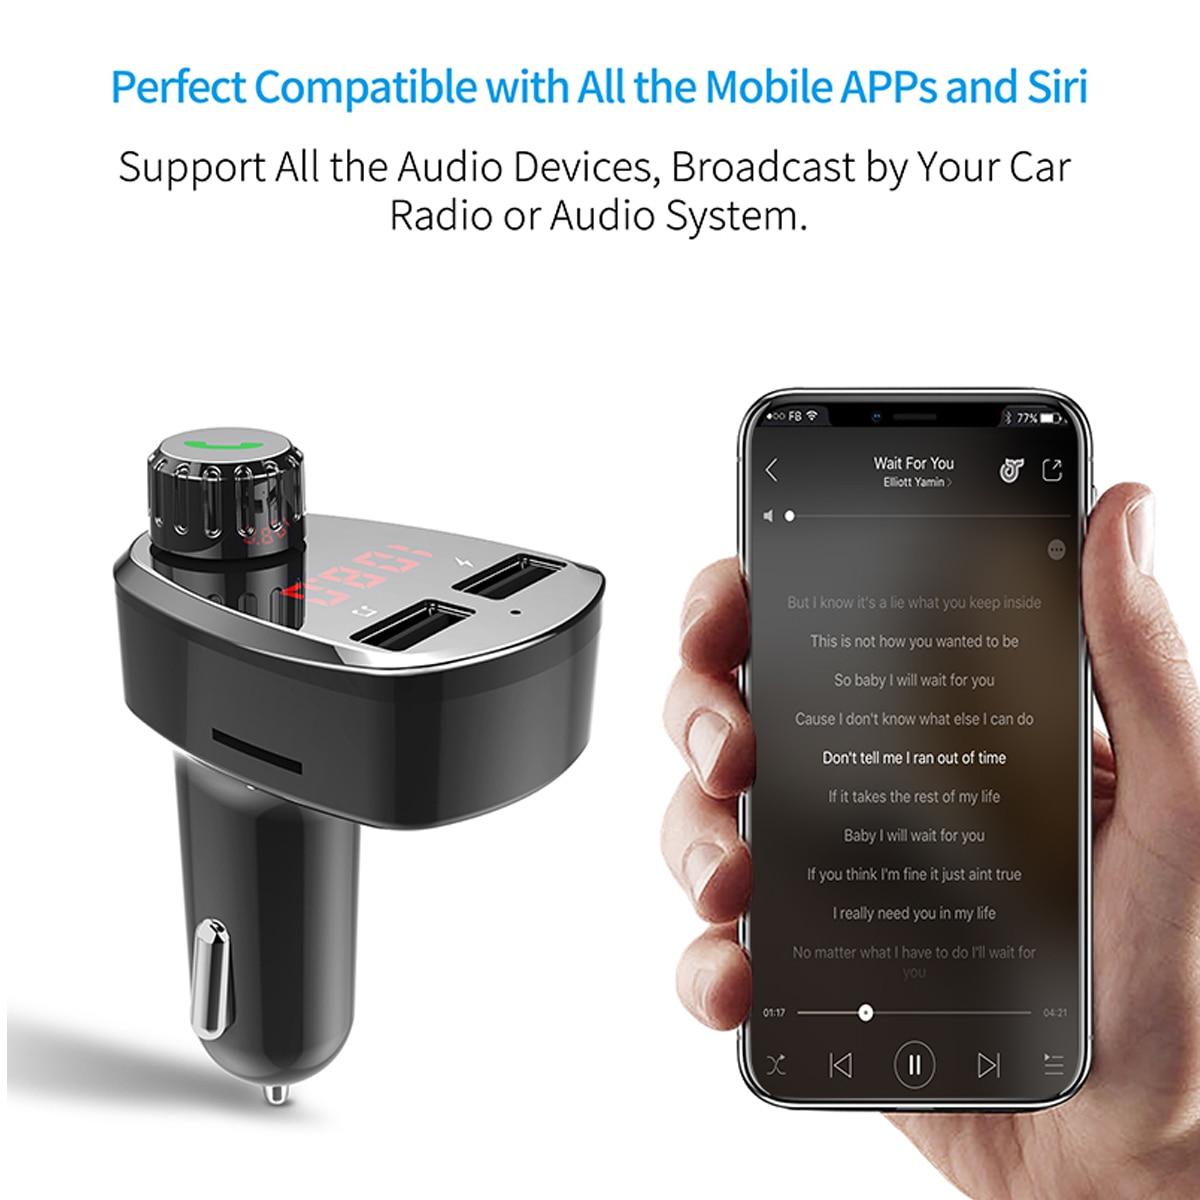 Image 4 - G13 беспроводной автомобильный комплект Bluetooth MP3 музыкальный плеер громкой связи автомобильный комплект с двойным USB интеллектуальная быстрая зарядка, автомобильное зарядное устройство-in FM-трансмиттеры from Автомобили и мотоциклы on AliExpress - 11.11_Double 11_Singles' Day